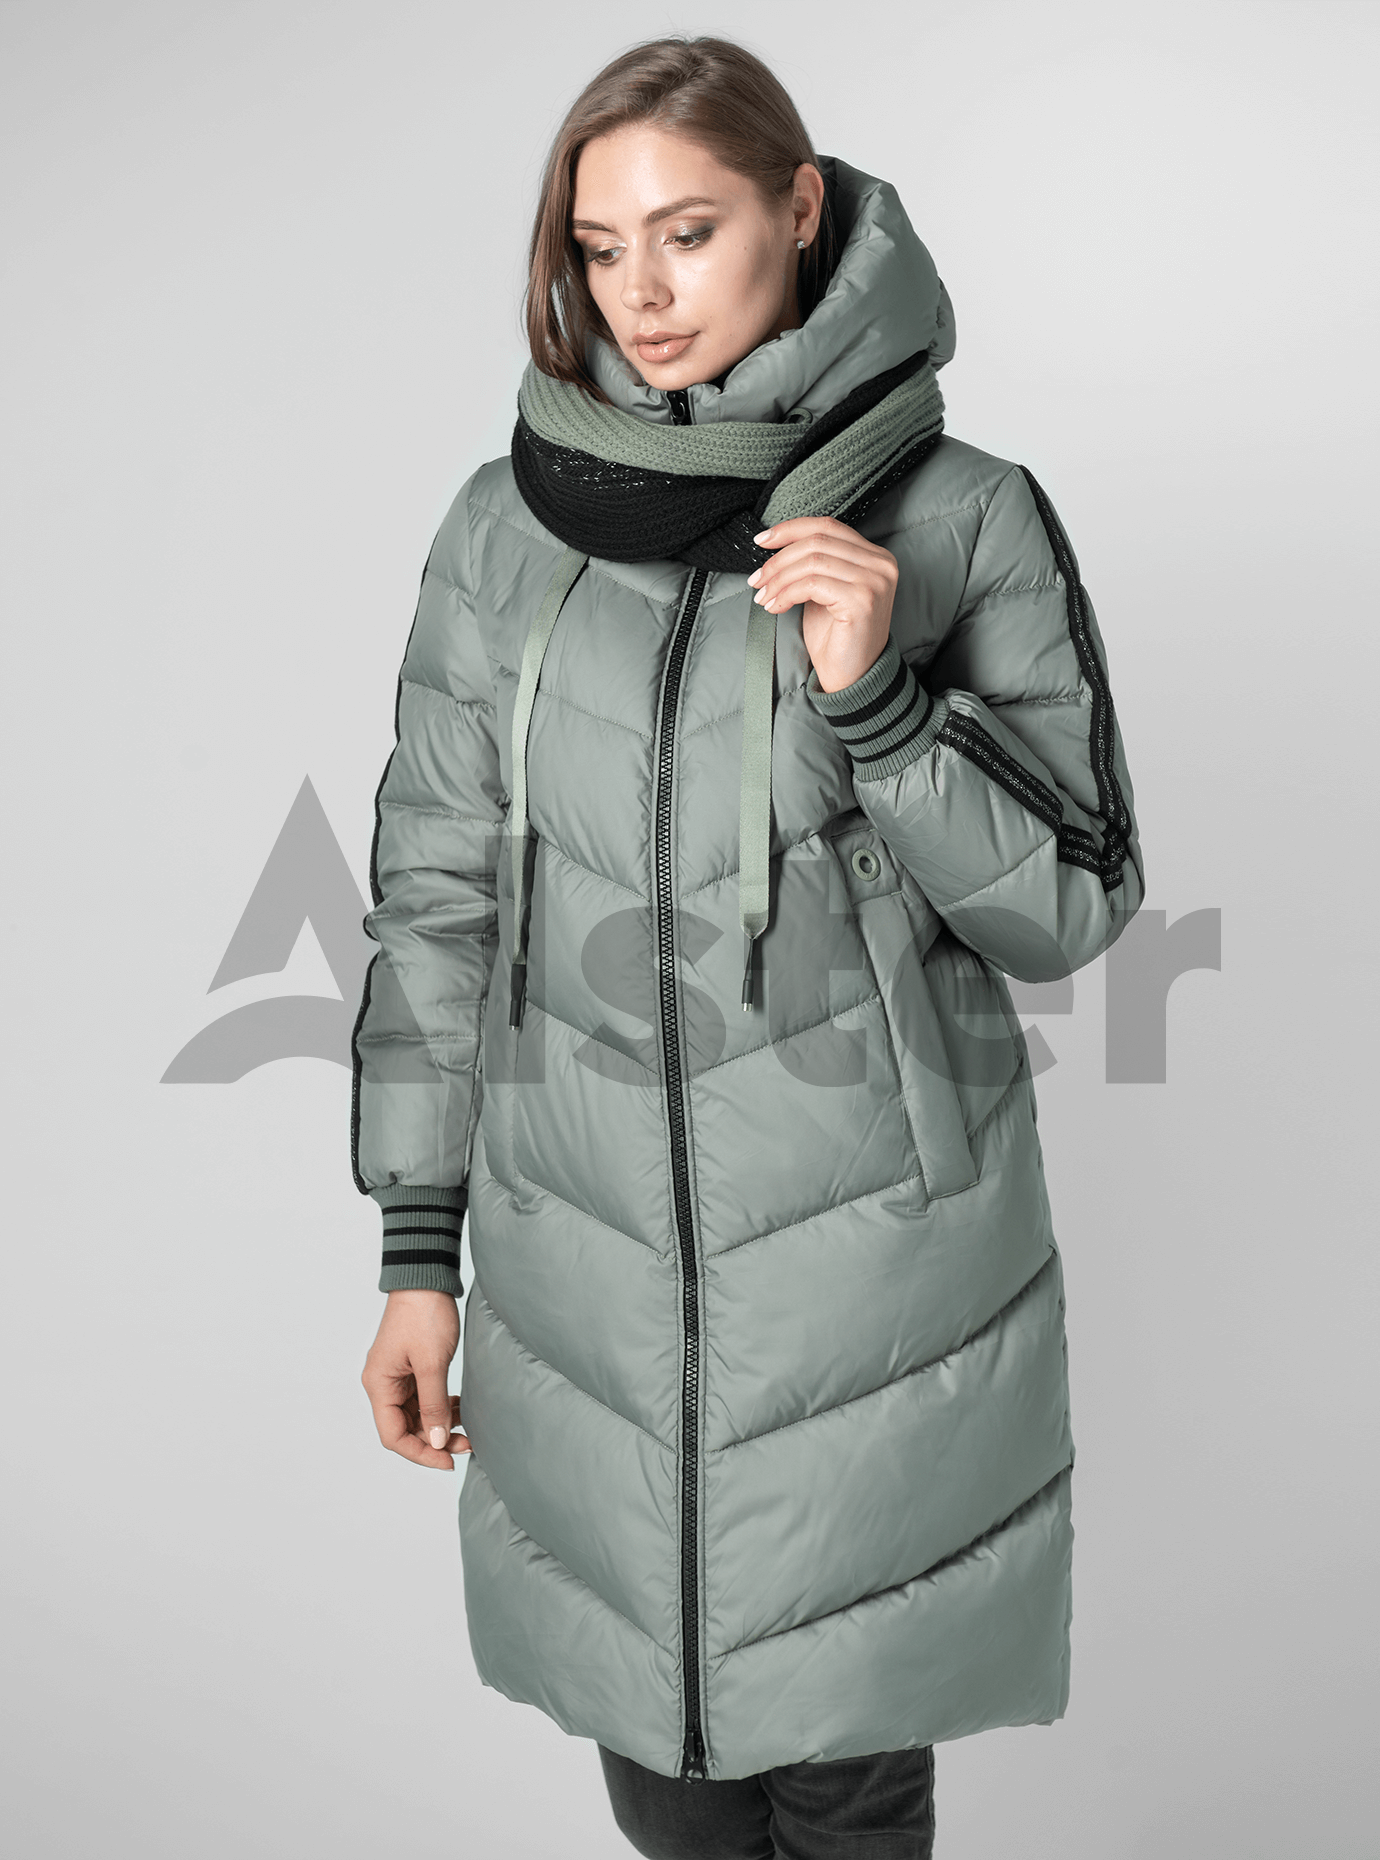 Пуховик женский с шарфом Серо-зелёный M (01-9022): фото - Alster.ua